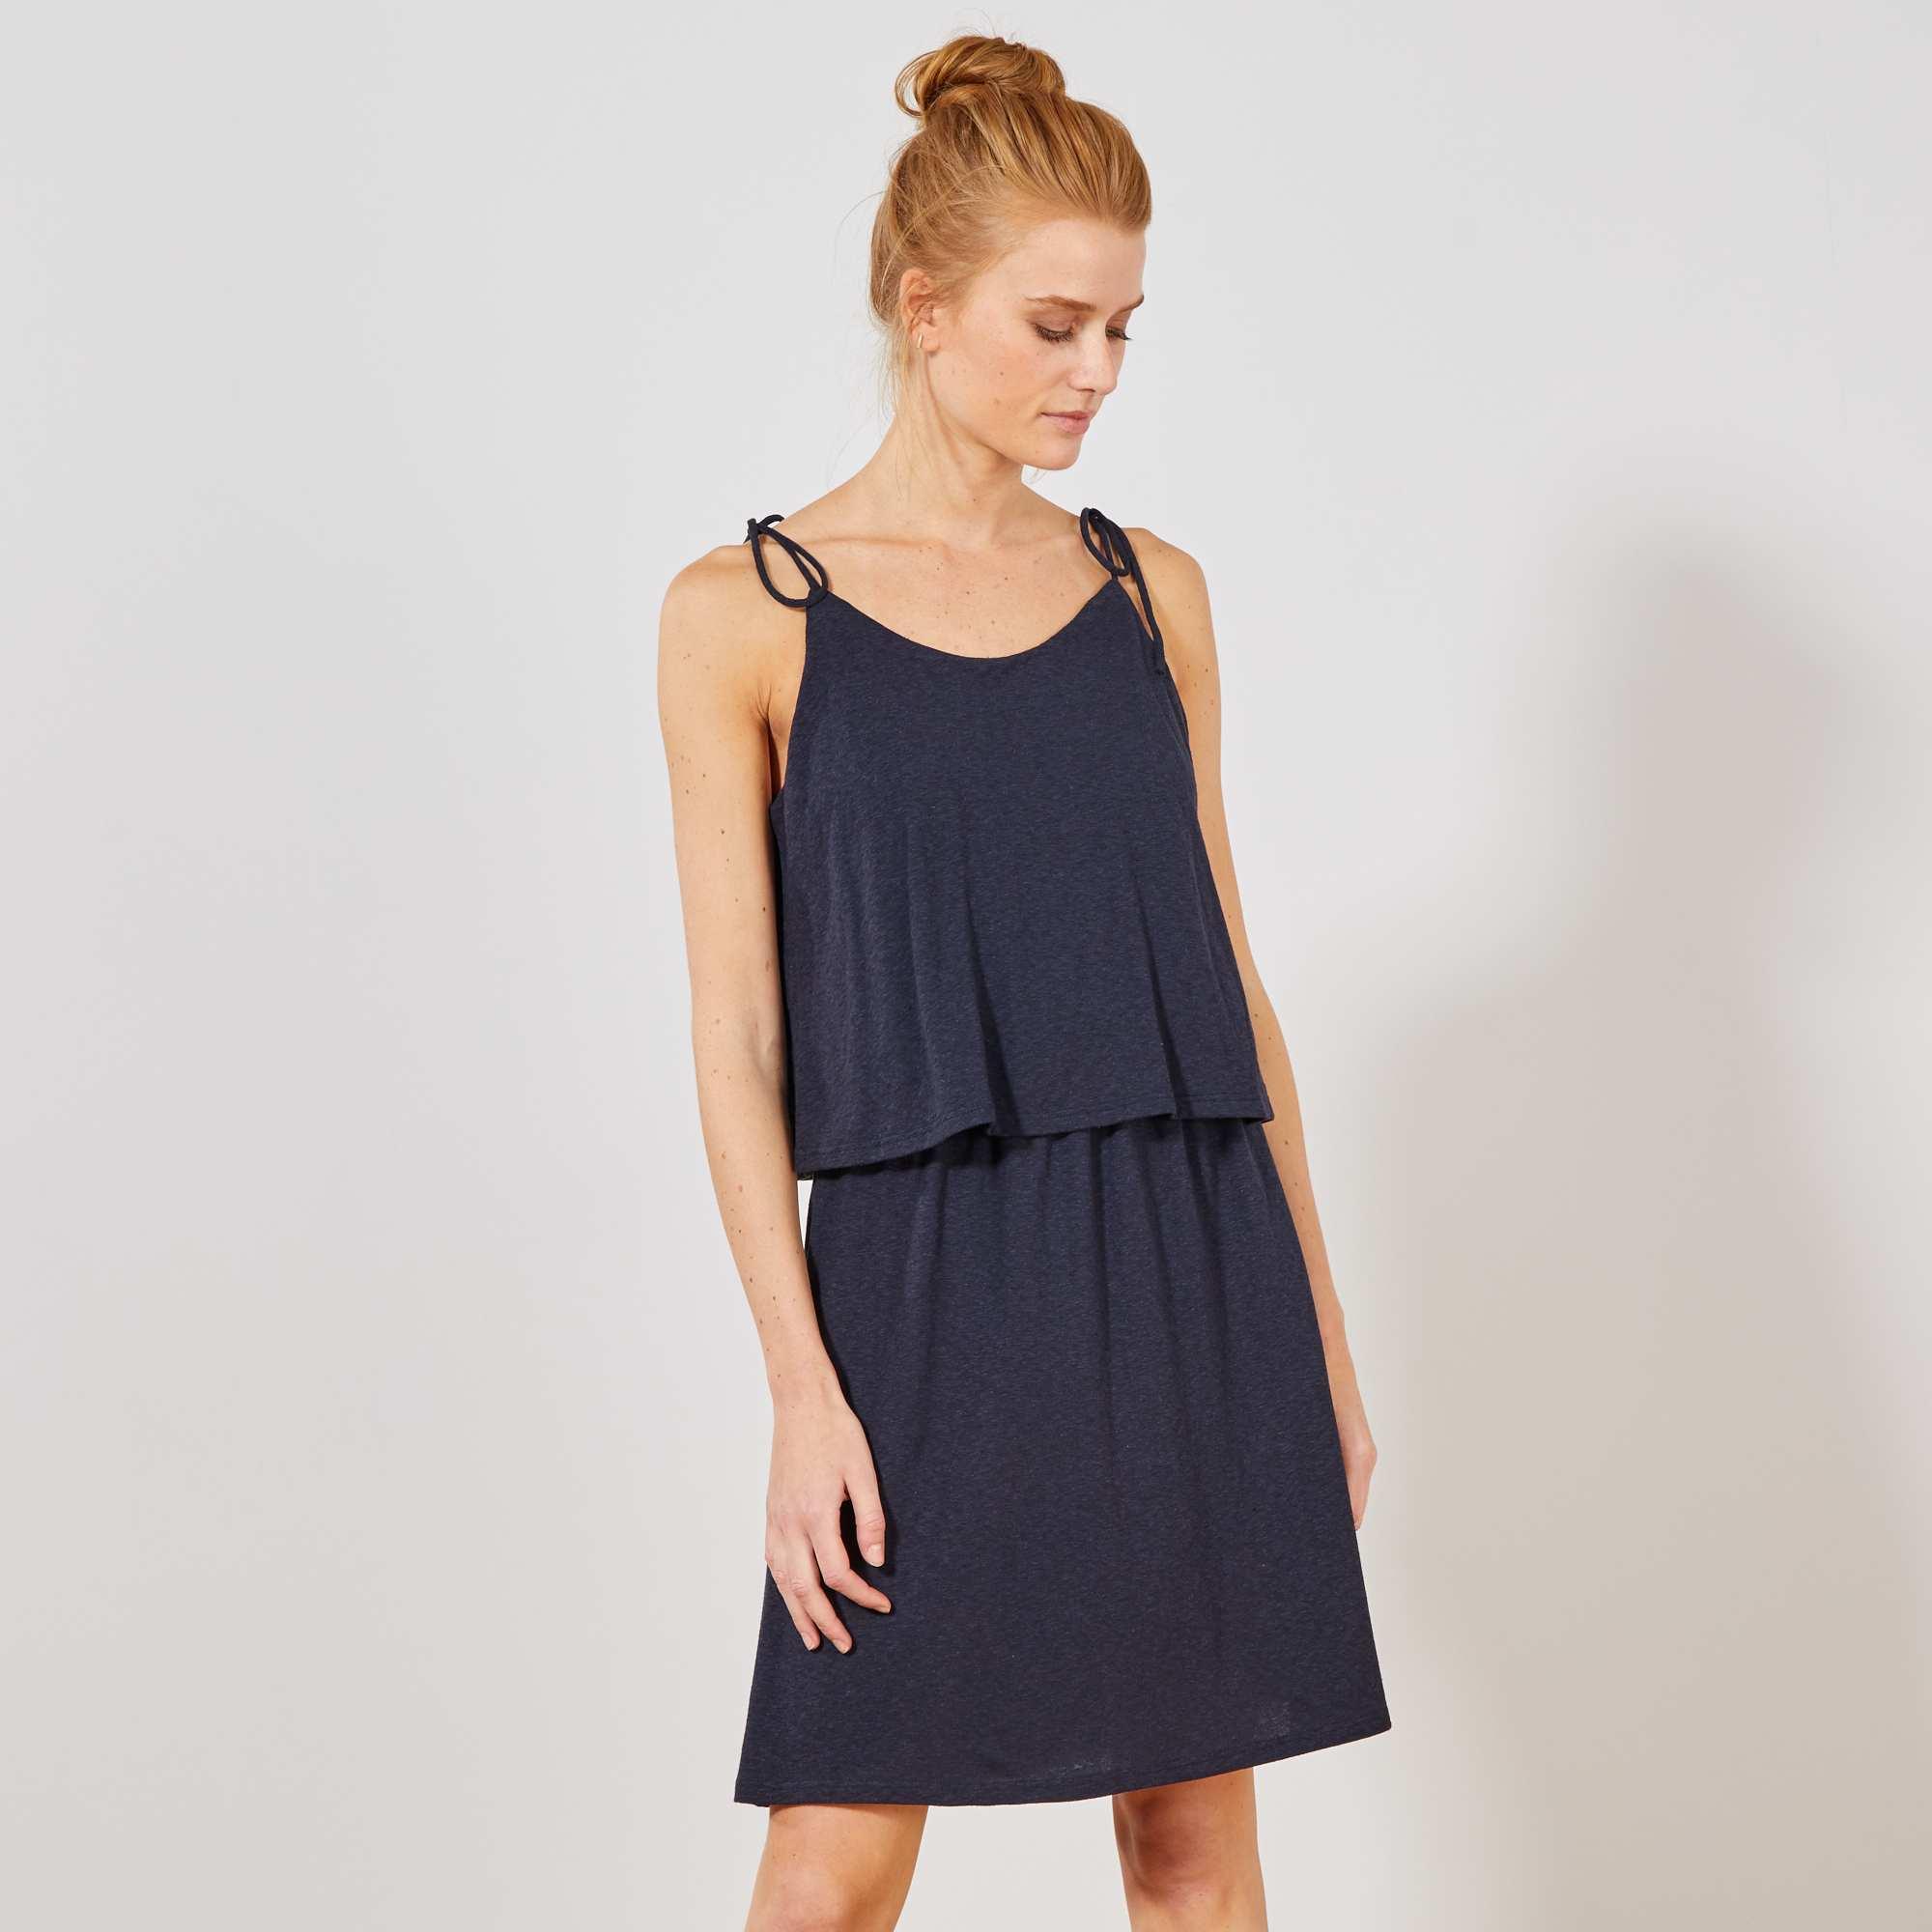 2 looks, 1 vestido   Vestido longo de malha, Looks e Idéias